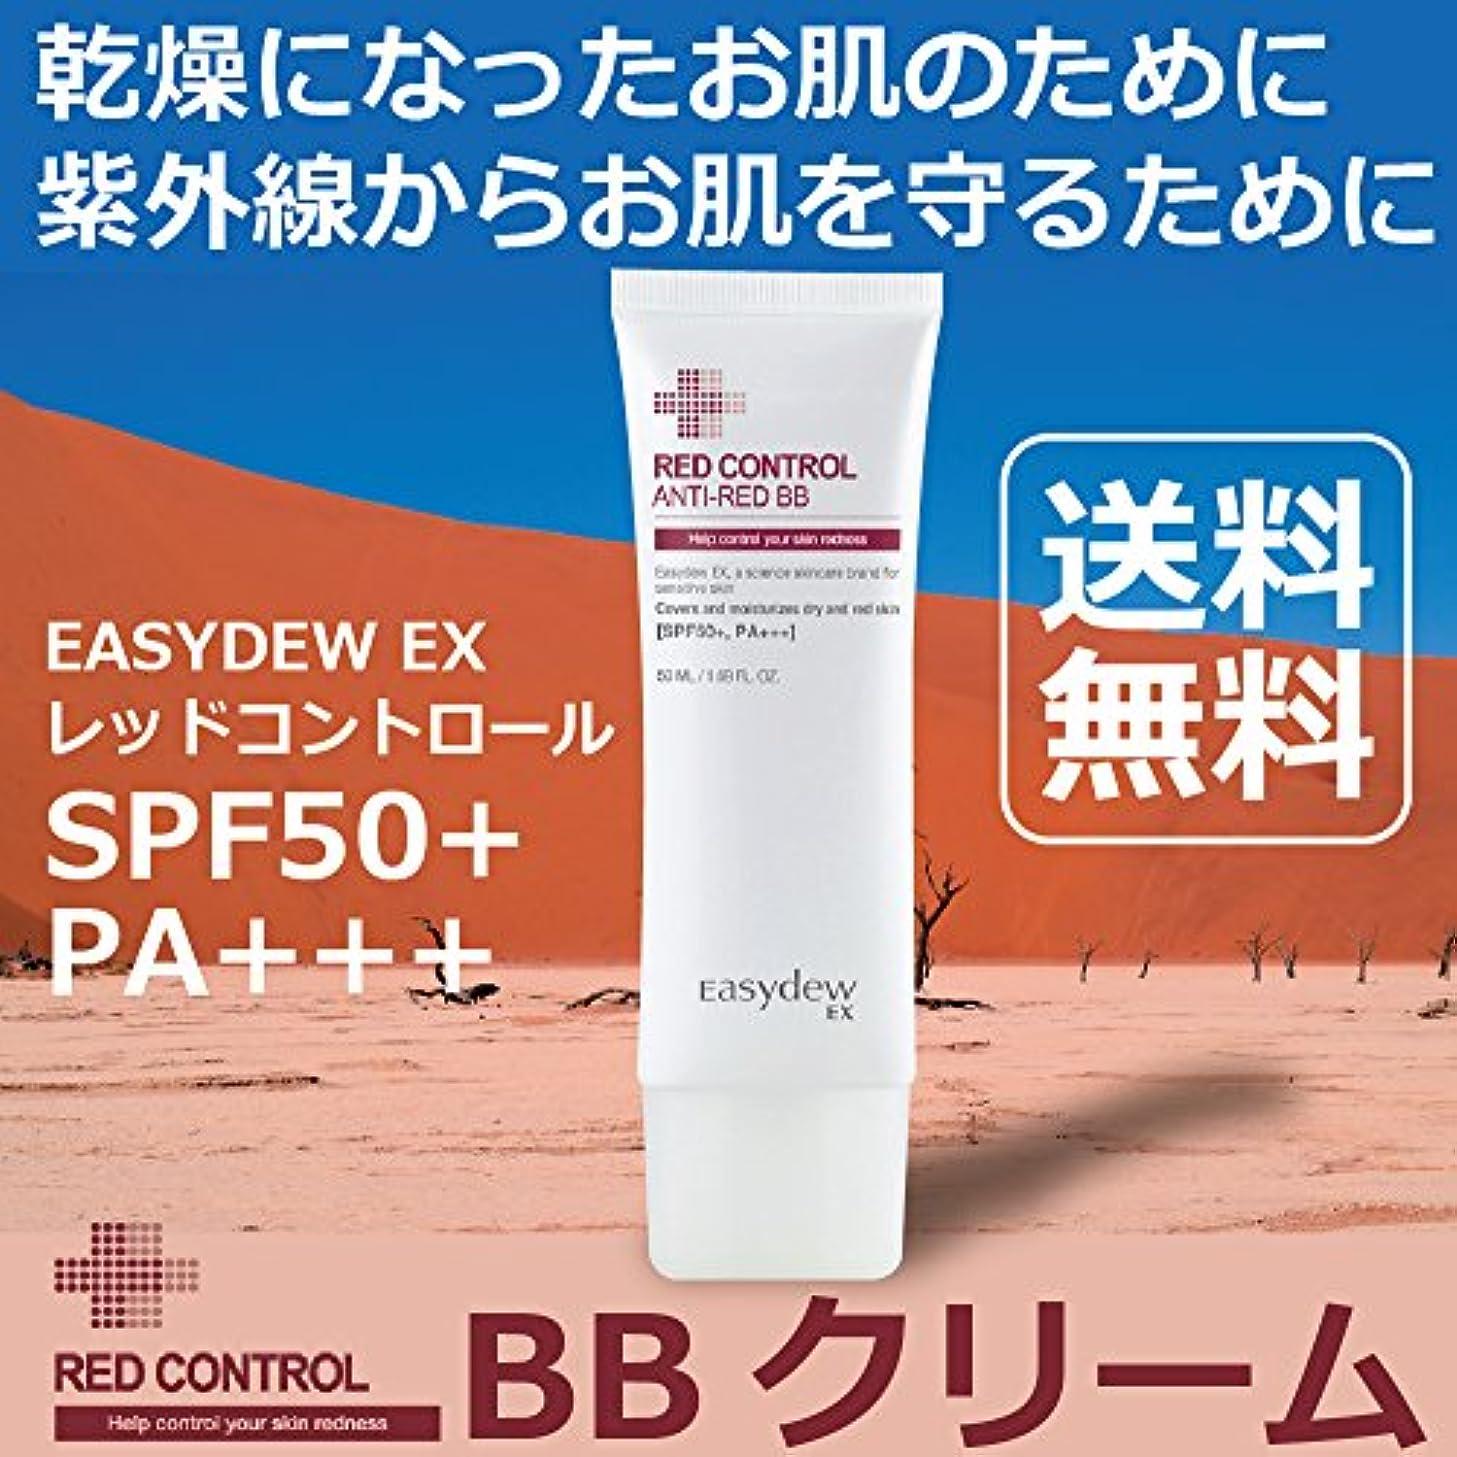 美人甘味引き渡すEASYDEW EX レッドコントロール アンチレッドBBクリーム 50ml RED CONTROL ANTI-RED BB